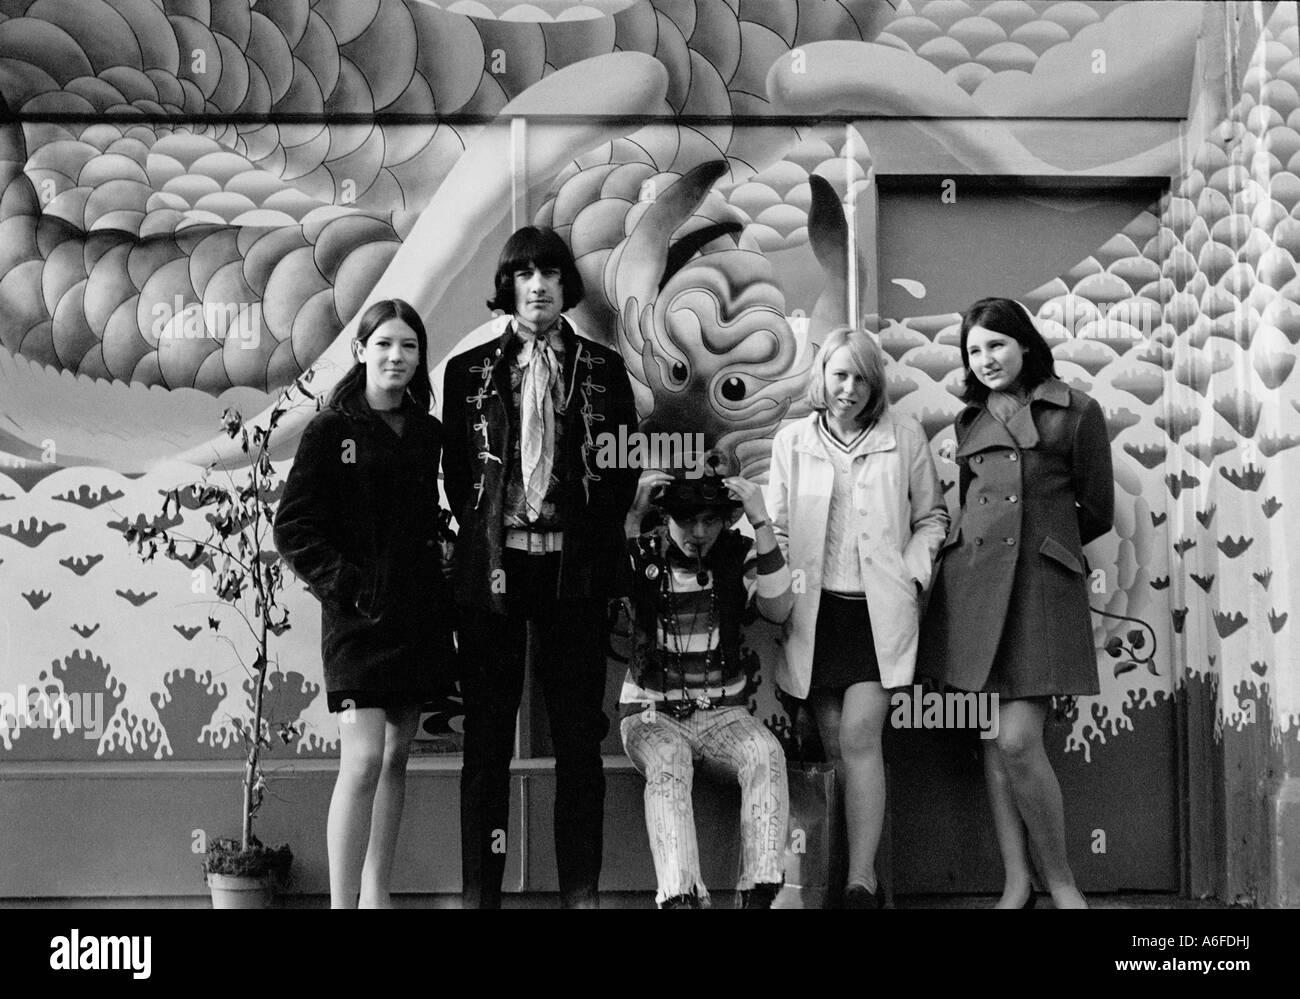 Jugendliche stehen vor einem Geschäft namens Oma fliegt im Kings Road London 1967. Stockfoto